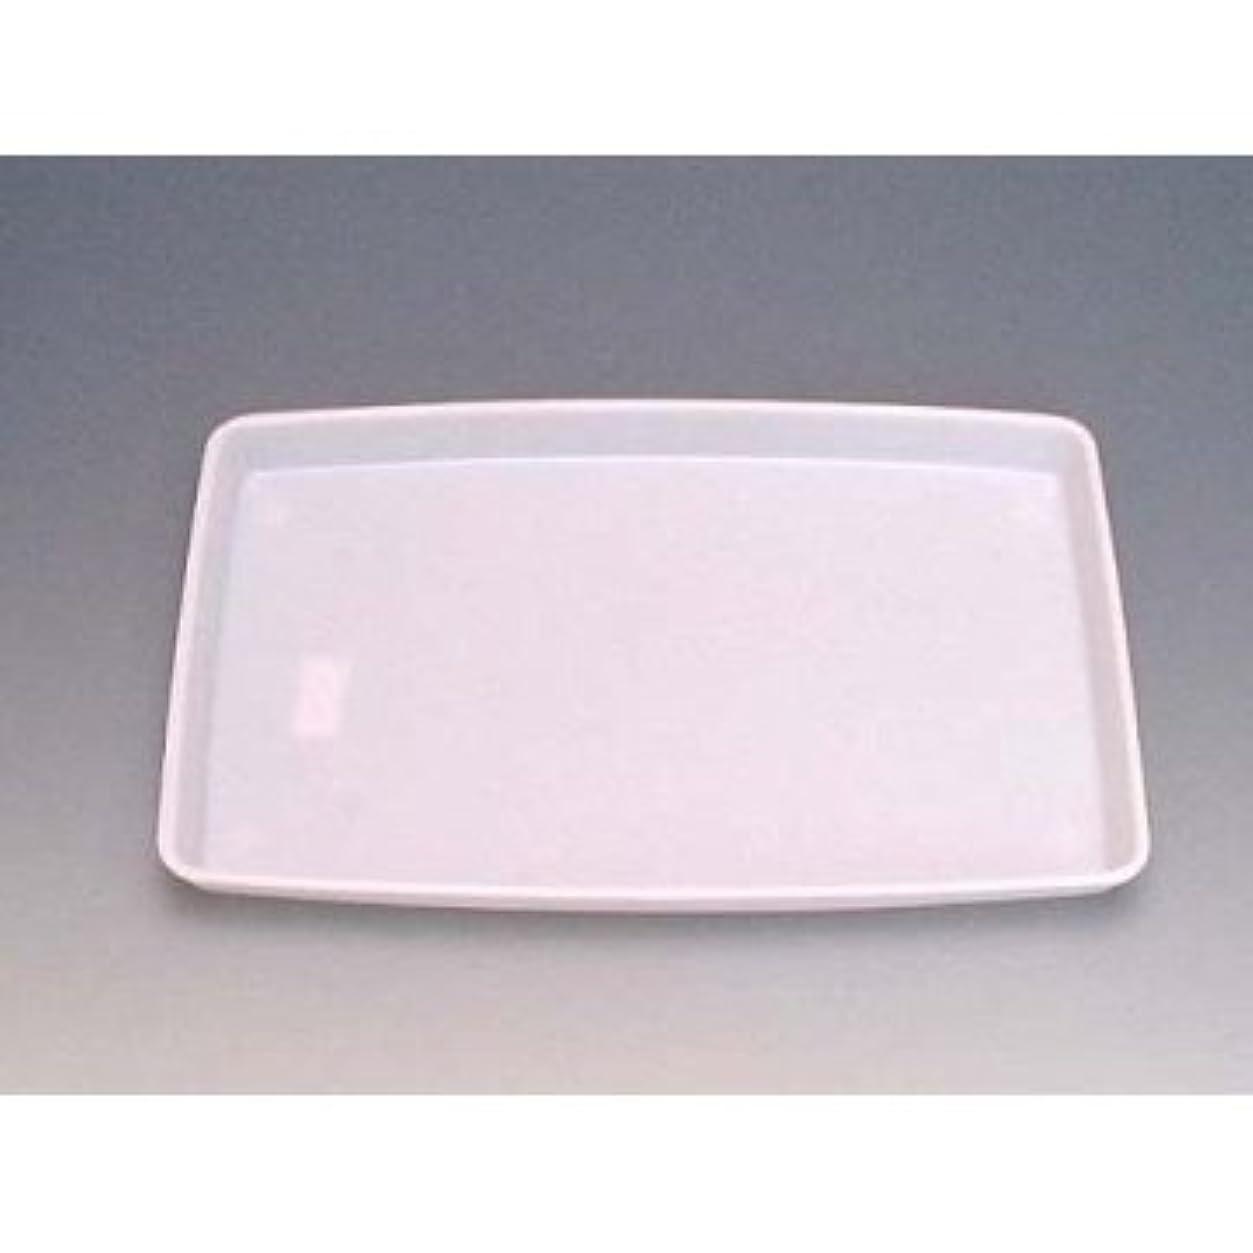 付けるまつげ多くの危険がある状況米正 エバーメイト われない台皿 カラーホワイト